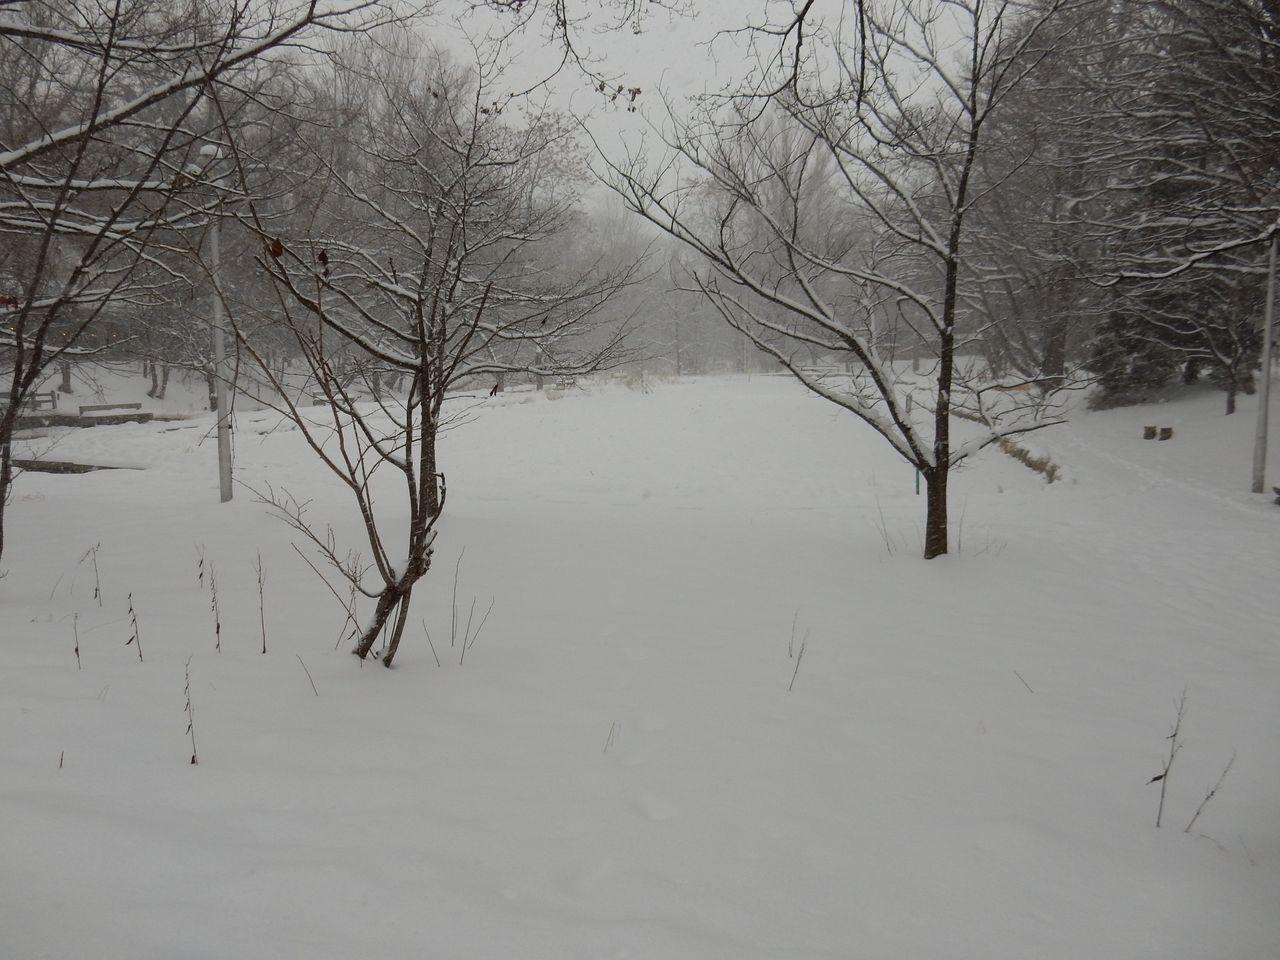 吹雪の北大へ_c0025115_21512752.jpg